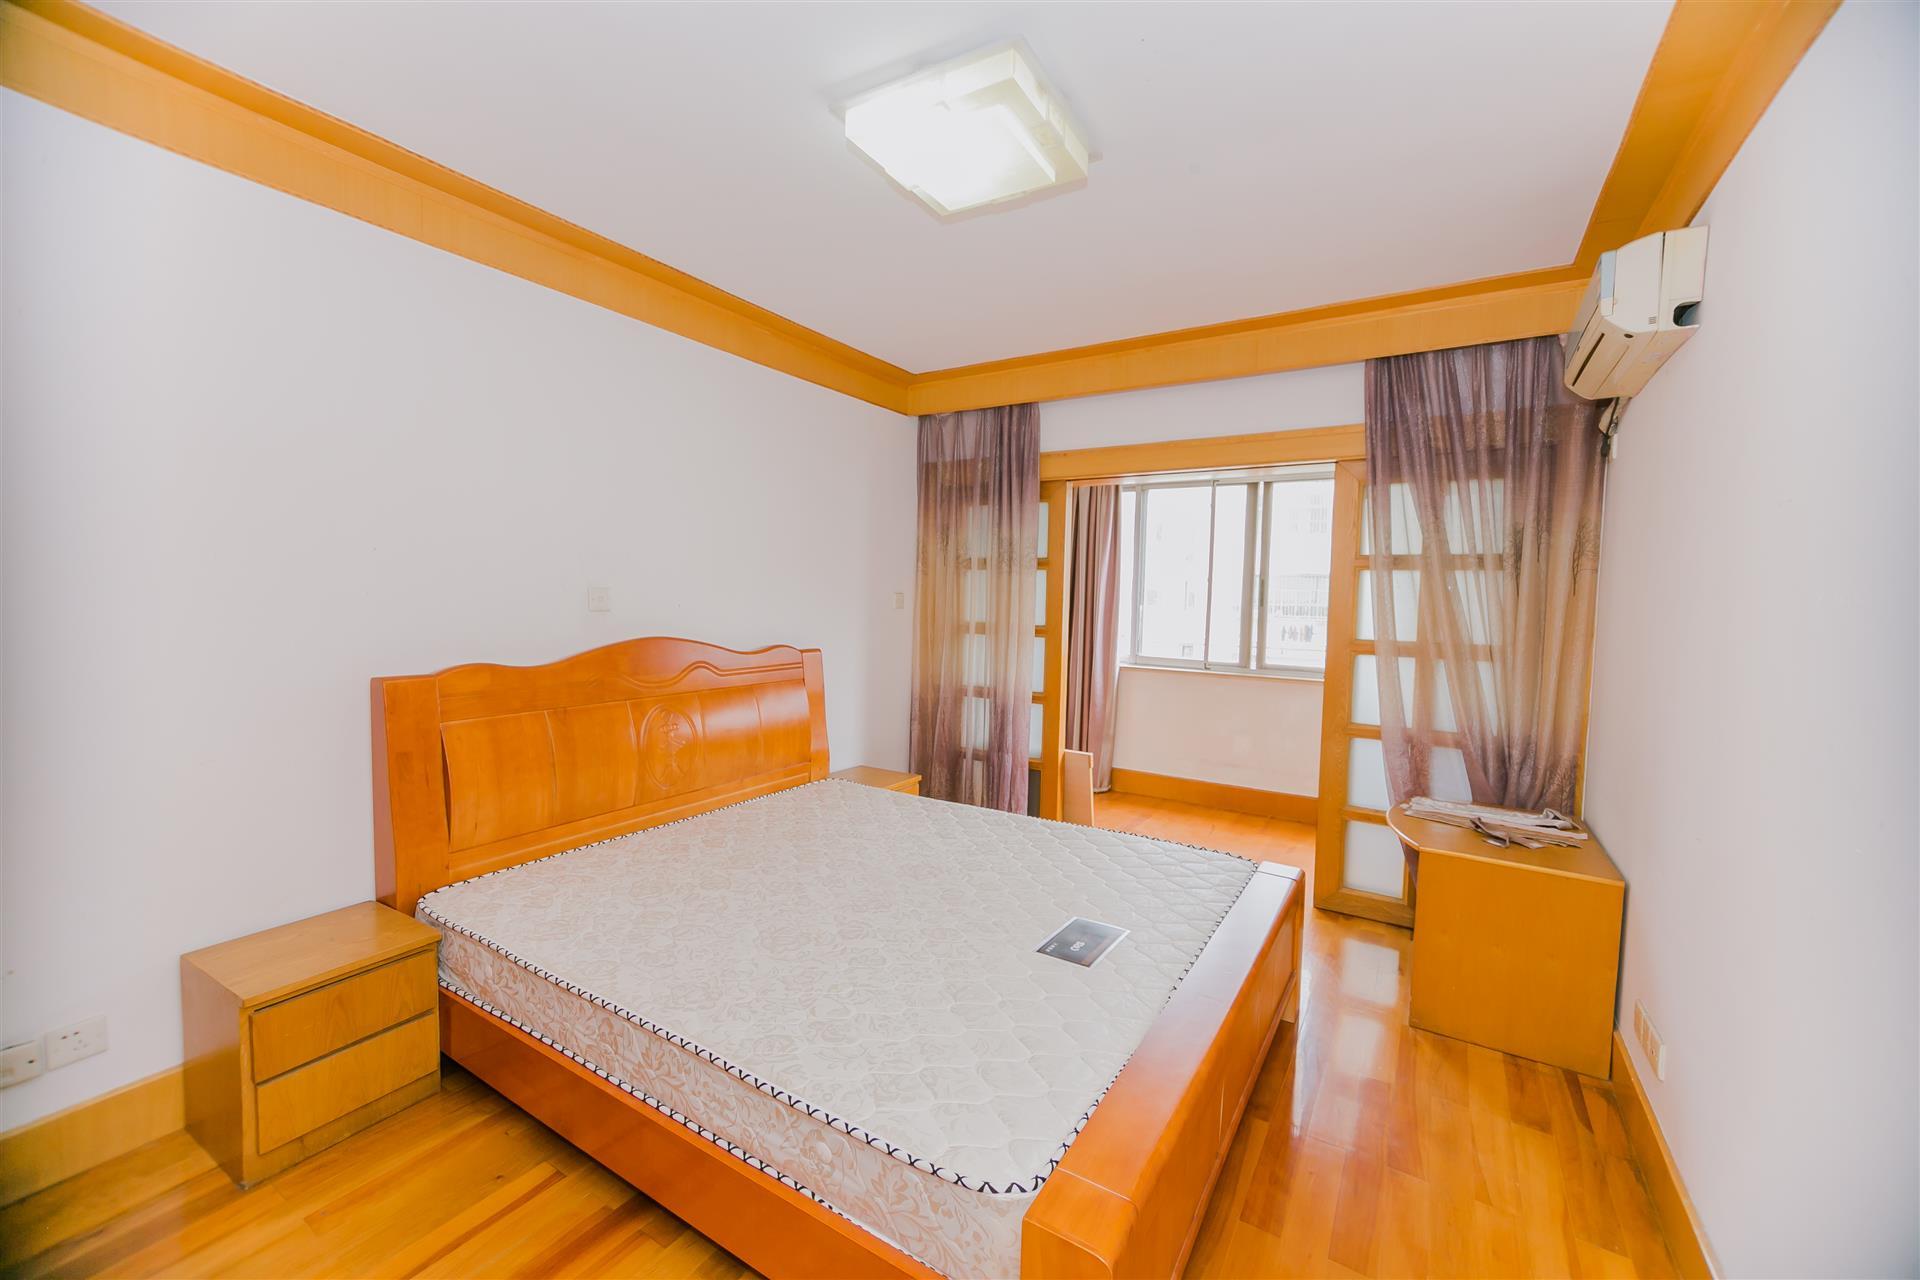 沁园新村2室2厅